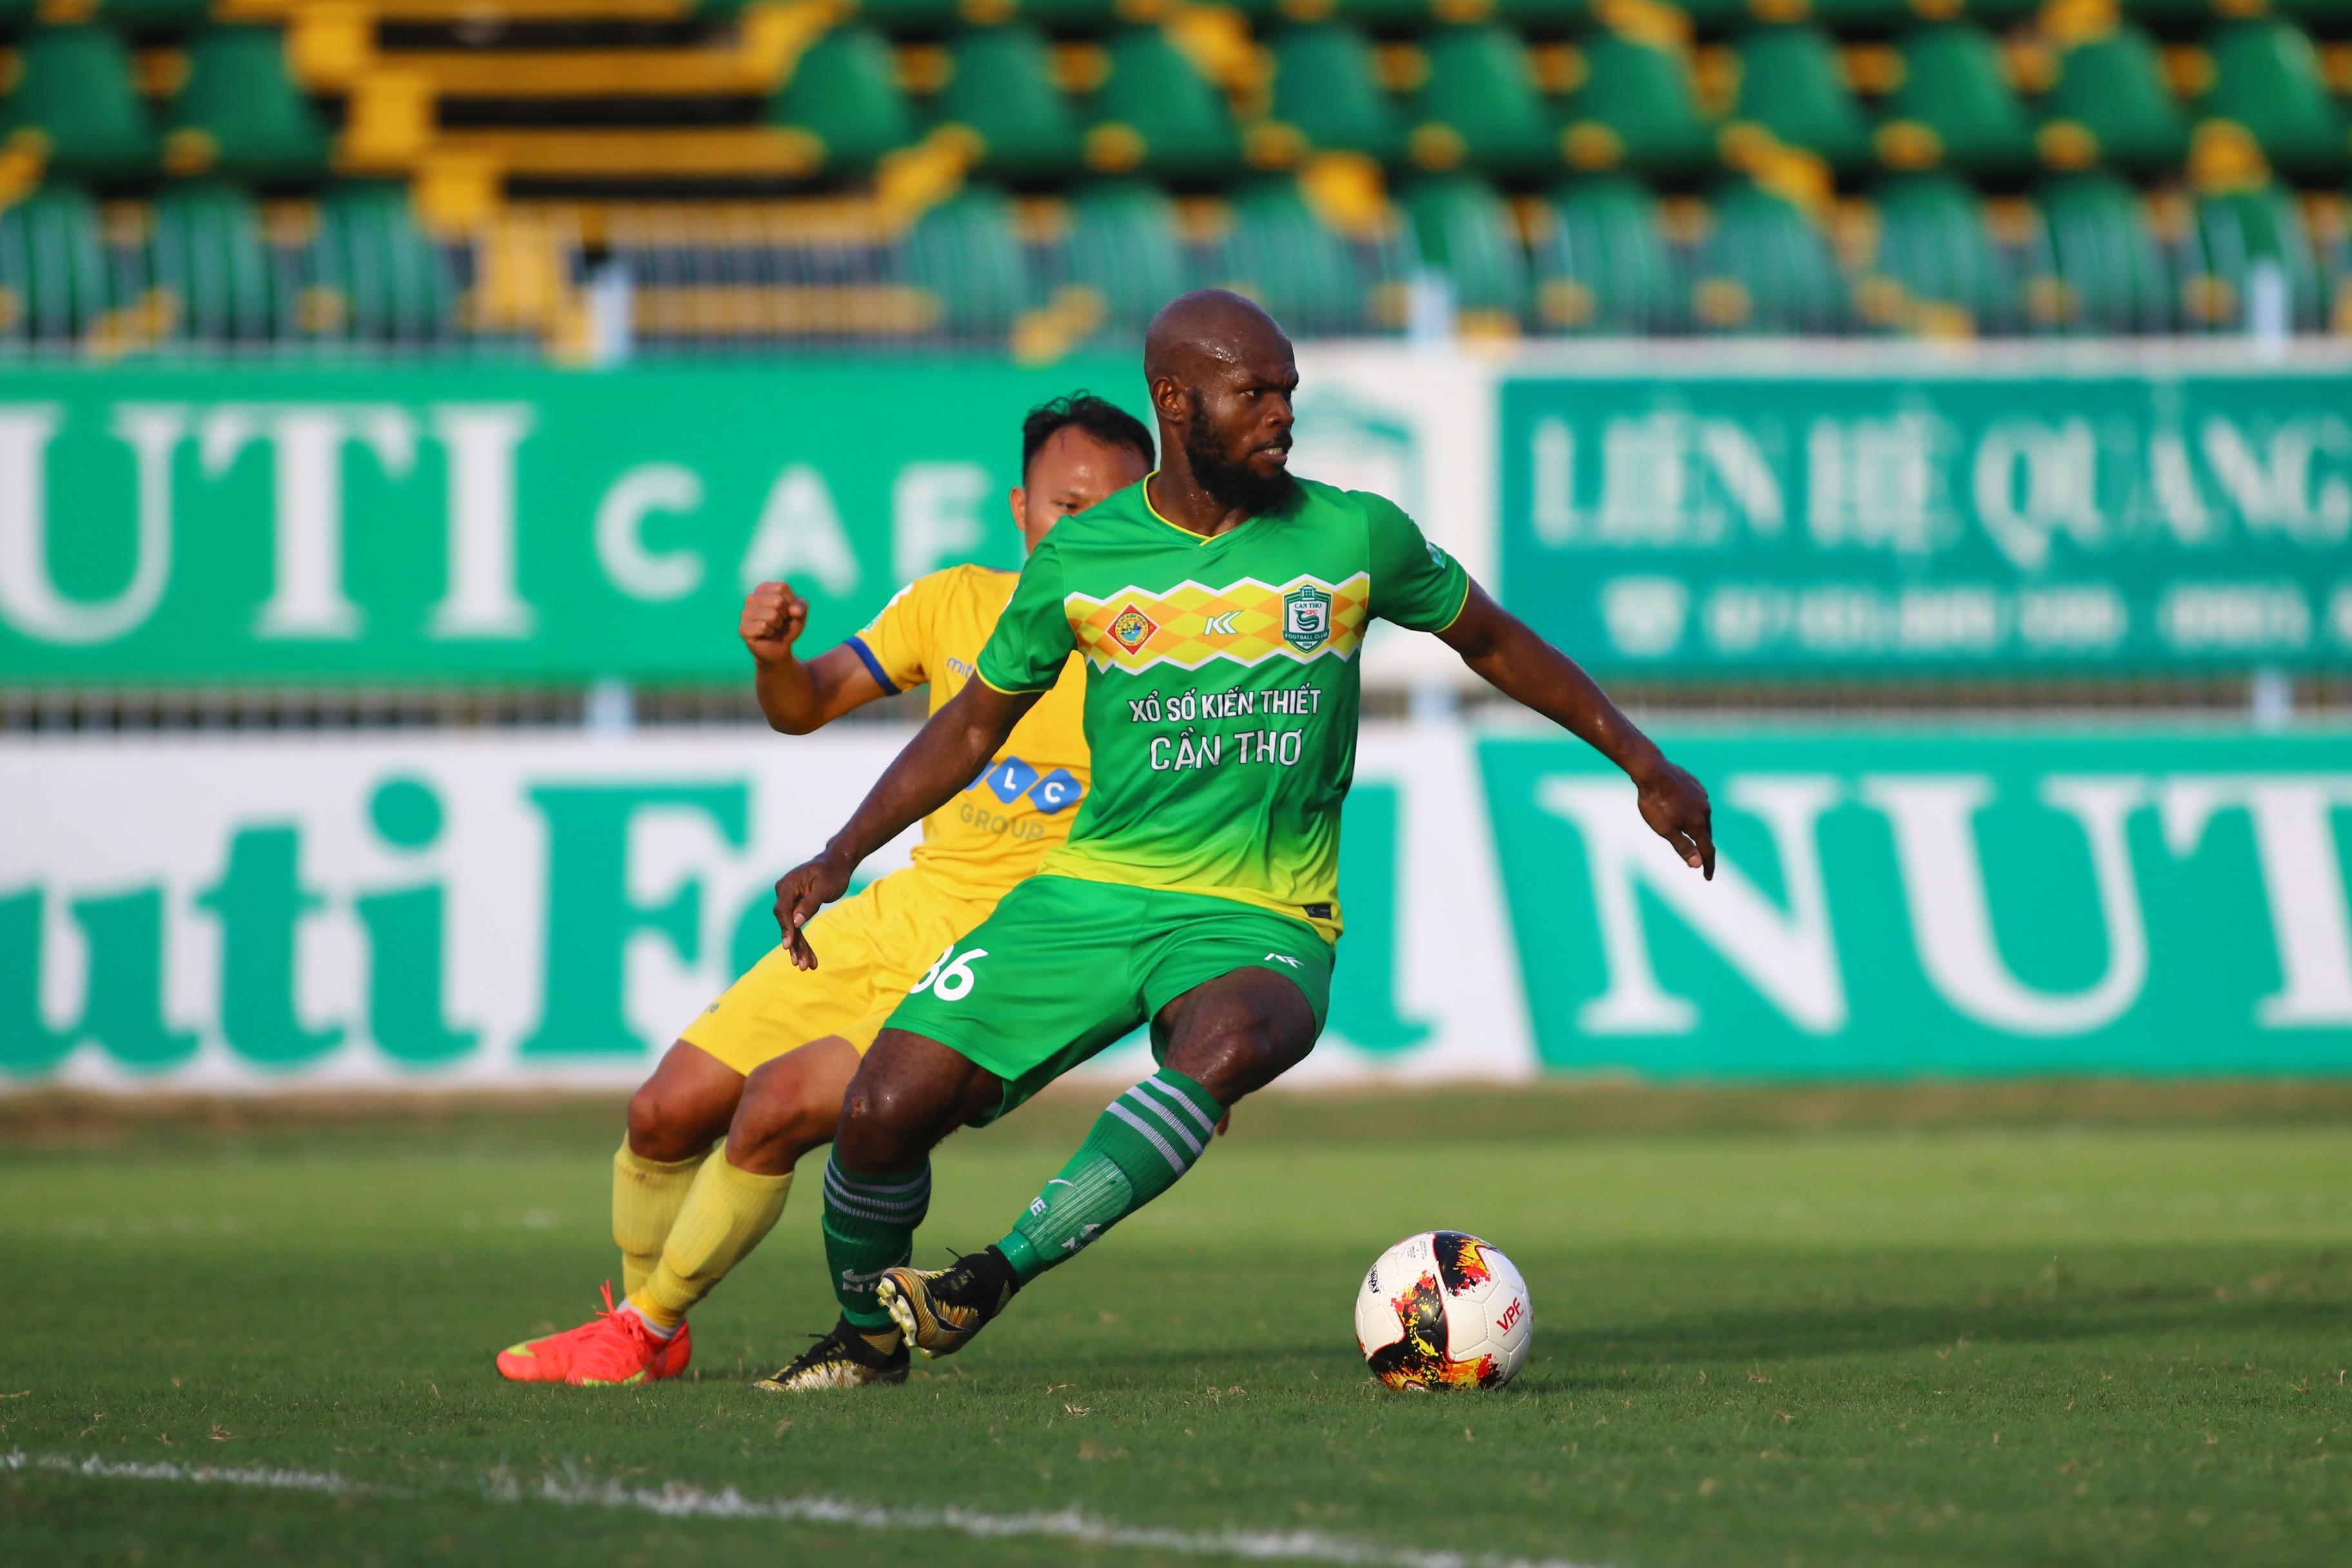 Vòng 24 V-League 2018: Tất cả vì cuộc chiến trụ hạng - Bóng Đá